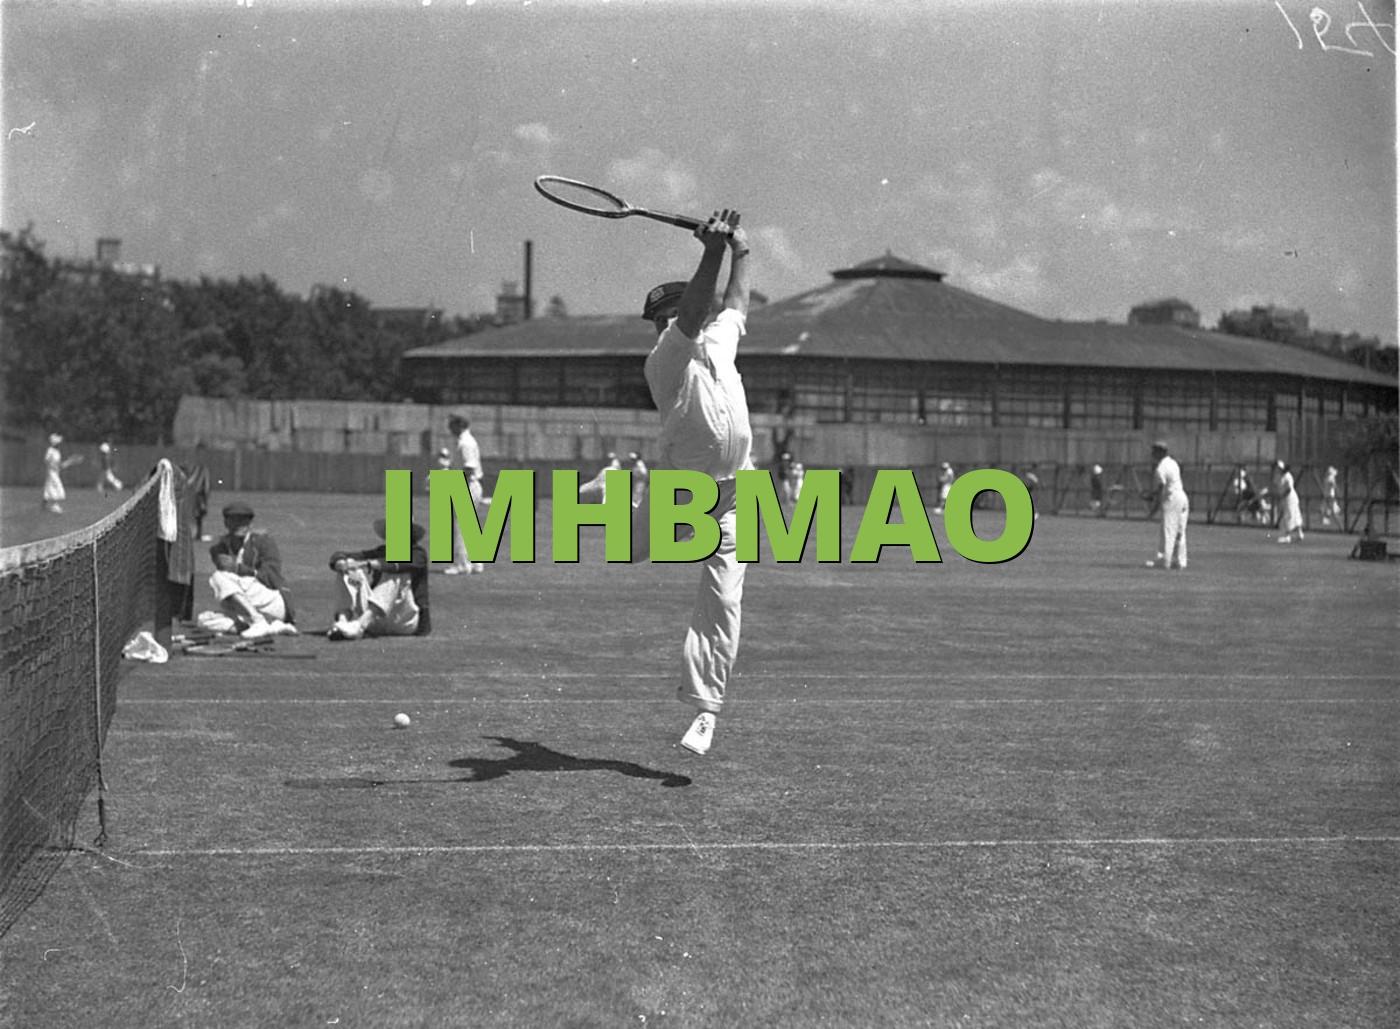 IMHBMAO